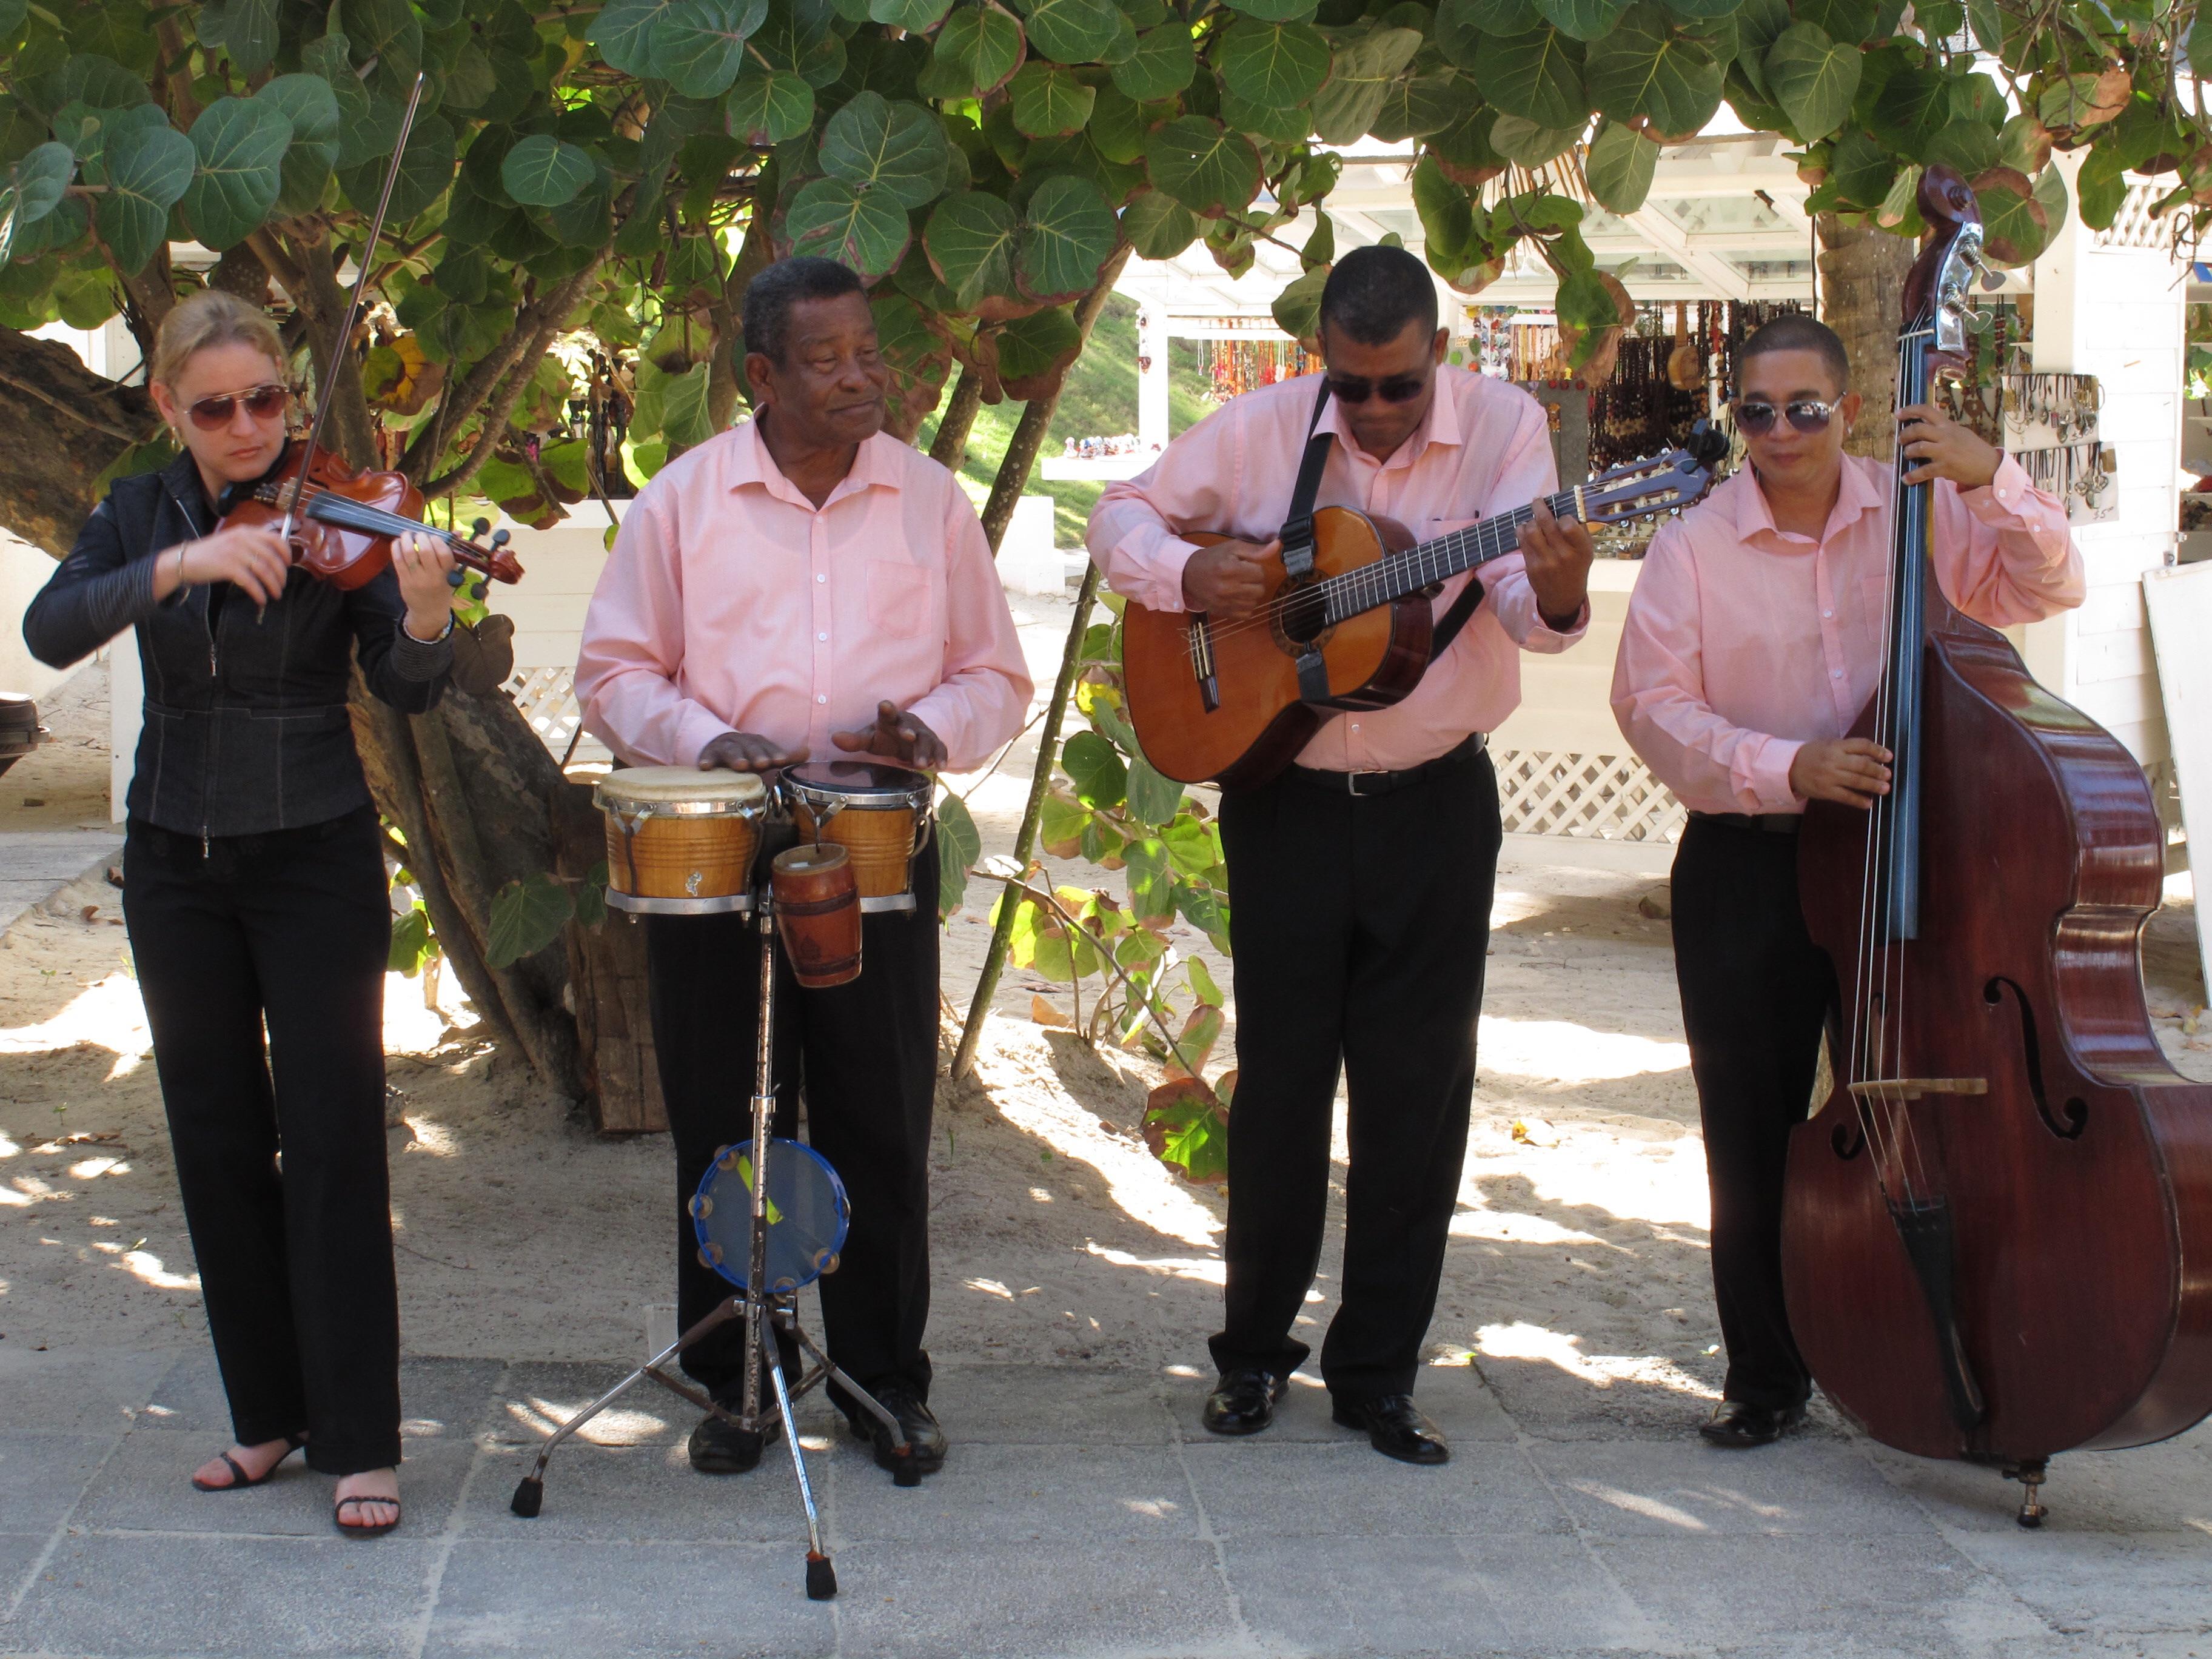 Grupo musicas típicas Hotel Meliá das Américas Varadero Cuba